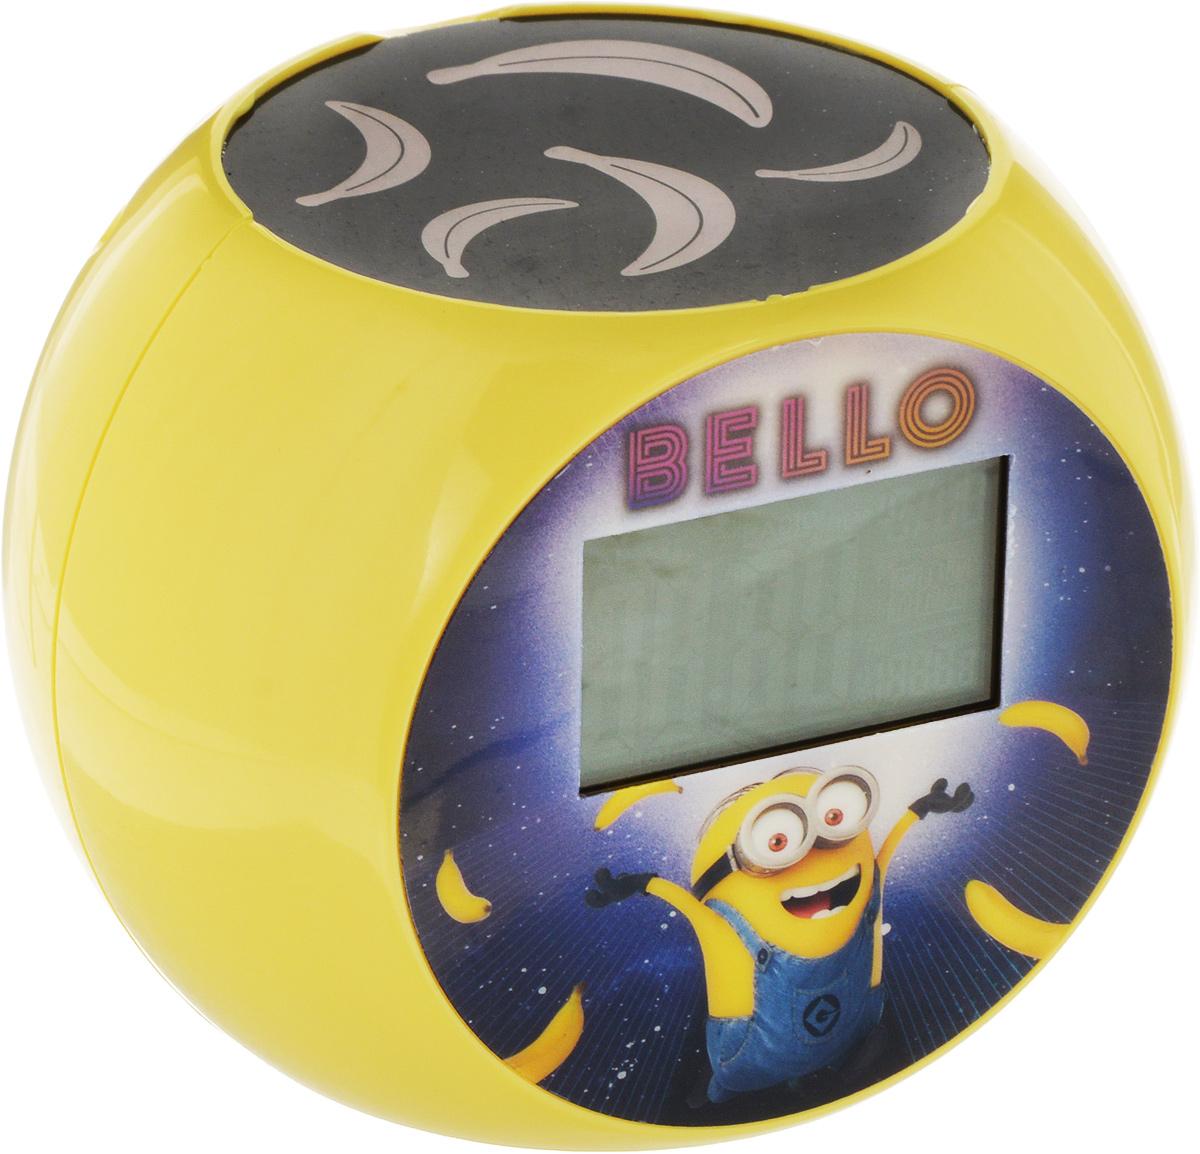 Lexibook Часы-прожектор Миньоны, цвет: желтый. RL975DESRL975DES_желтыйЧасы-прожектор Lexibook Миньоны имеют круглую форму с большим ЖК-экраном и подсветкой. Часы имеют эксклюзивную проекционную пластину, которая будет отображать на потолке бананы. На задней части будильника расположены 8 силиконовых кнопок: - SOUND: прослушивание звуков природы, - +: увеличение громкости/следующий, - -: уменьшение громкости/предыдущий, - RADIO: включение/выключение радио, - MODE: для переключения режима часы/будильник, - SET: нажмите и удерживайте в течении 3 секунд для входа в режим настройки/нажмите для подтверждения настройки, - ALARM: включение/выключение будильника, - SNOOZE: для активации функции повтора.Часы работают от 3 батареек типа AA (не входят в комплект) и 1 батарейки типа CR2032 3 B (в комплекте).Такие часы понравятся вашему ребенку и замечательно украсят детскую комнату.